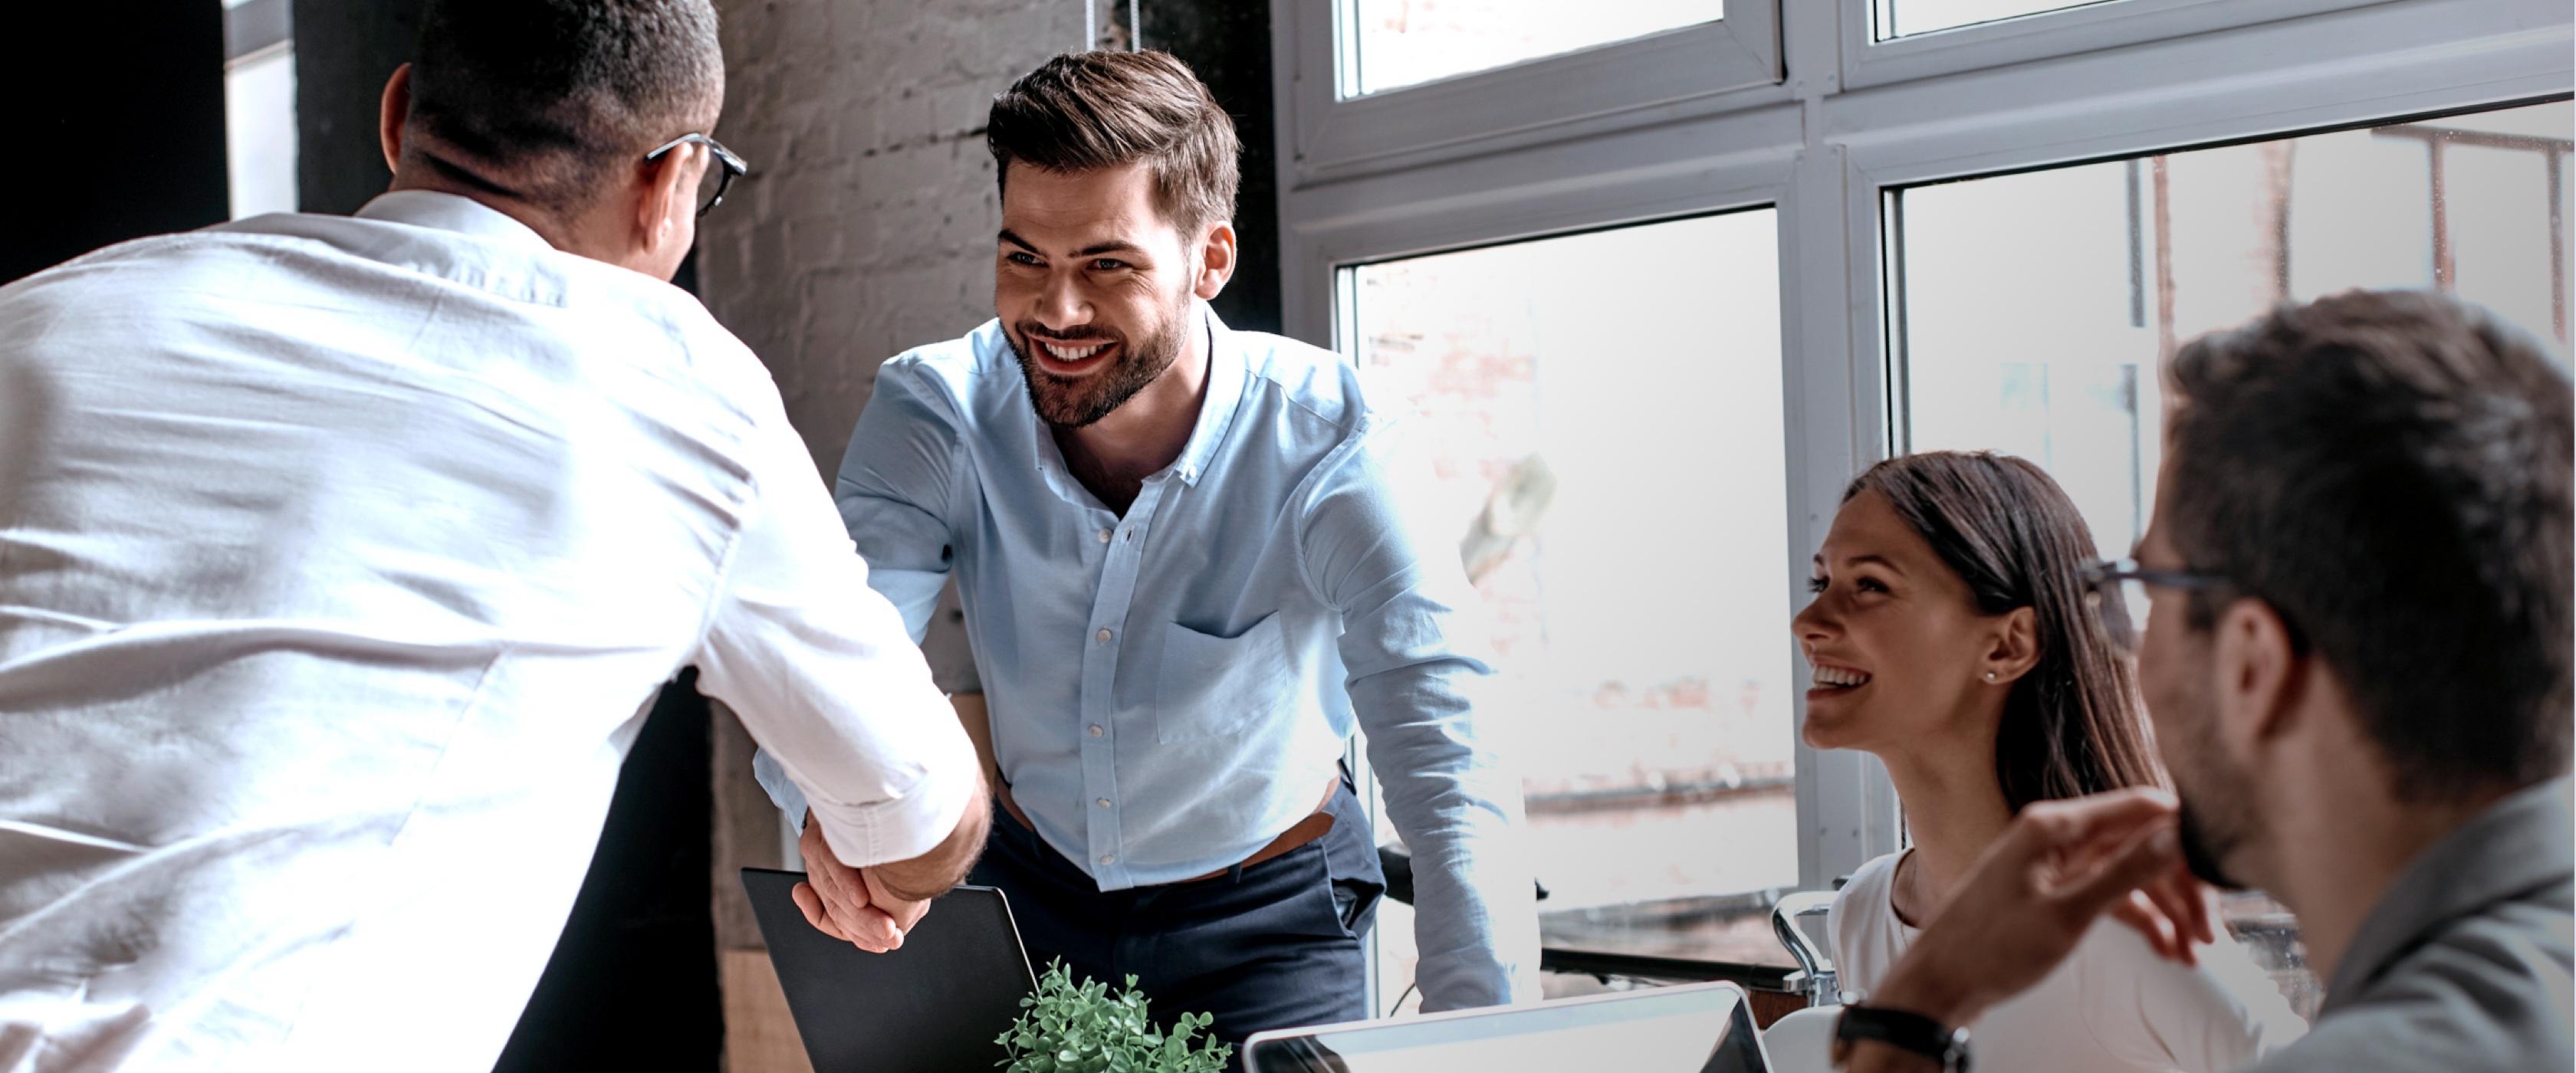 BigCommerce Partner Network